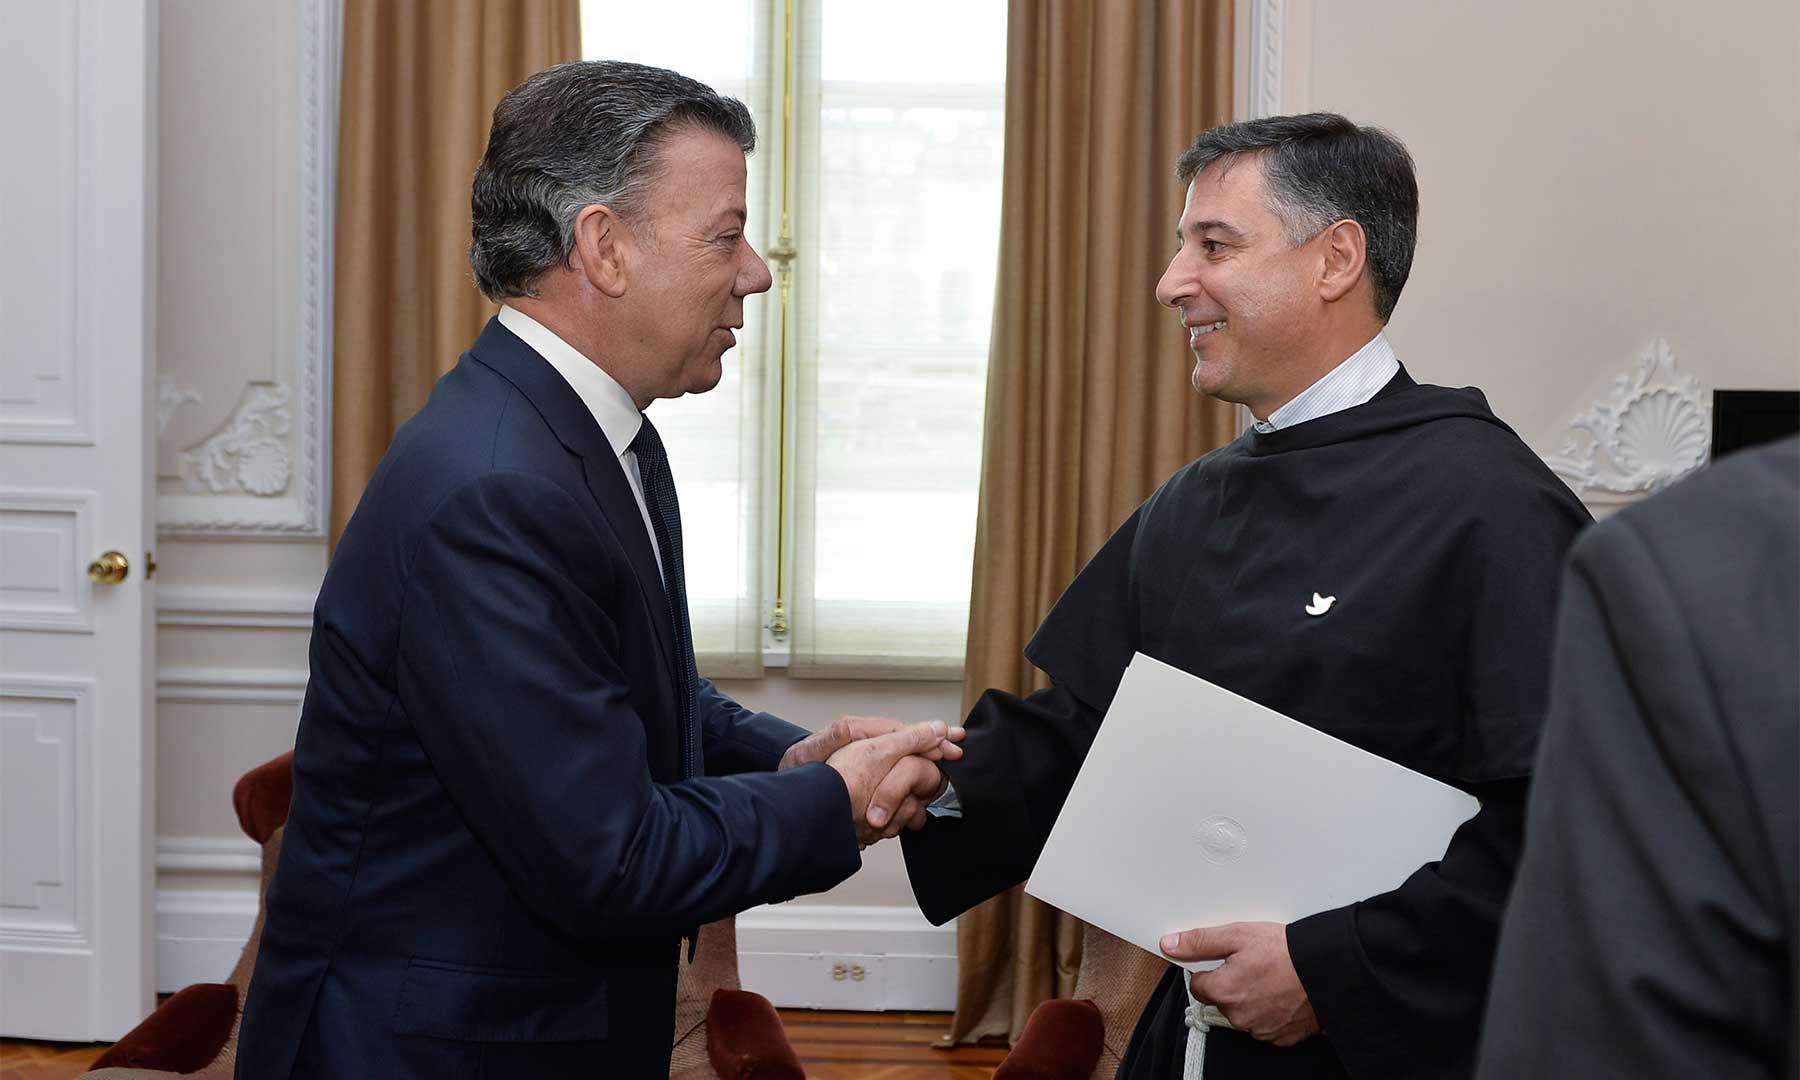 El Fraile de la Basílica Papal de Asís de Italia, Enzo Fortunato, le comunica al Presidente Santos que le fue otorgado el premio a la paz por parte de la Organización Internacional por La Paz Francisco de Asís.